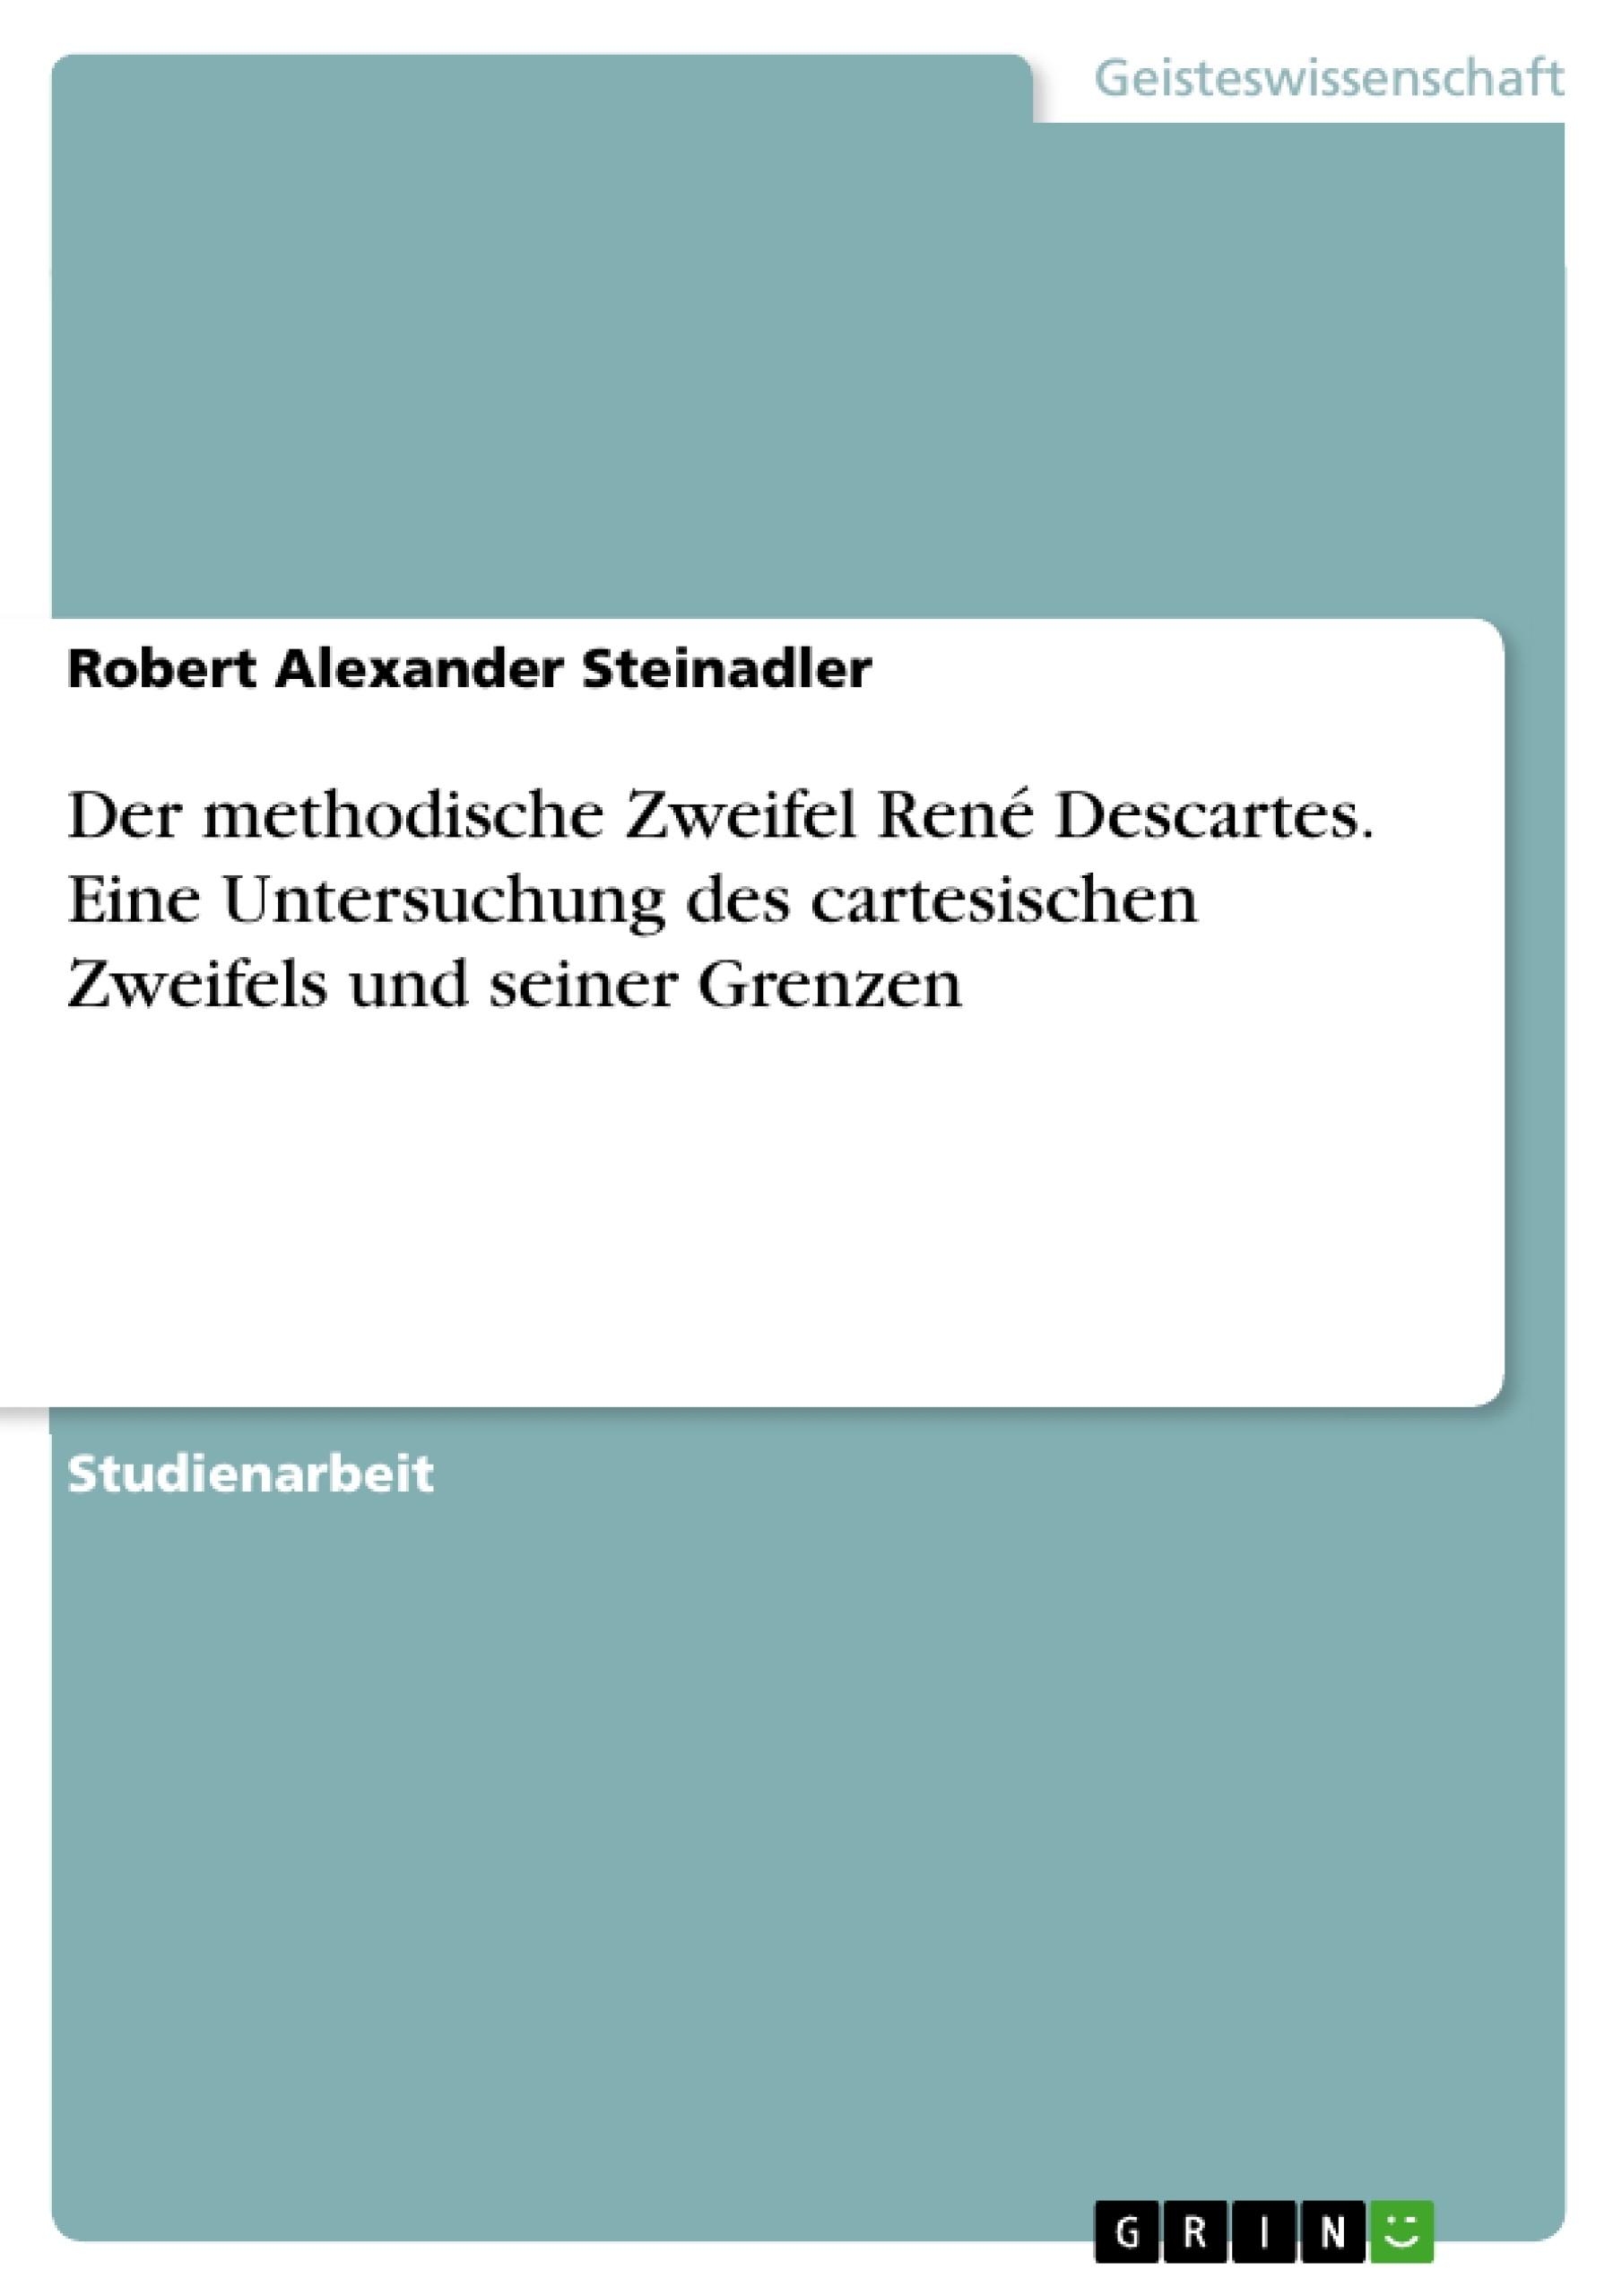 Titel: Der methodische Zweifel René Descartes. Eine Untersuchung des cartesischen Zweifels und seiner Grenzen